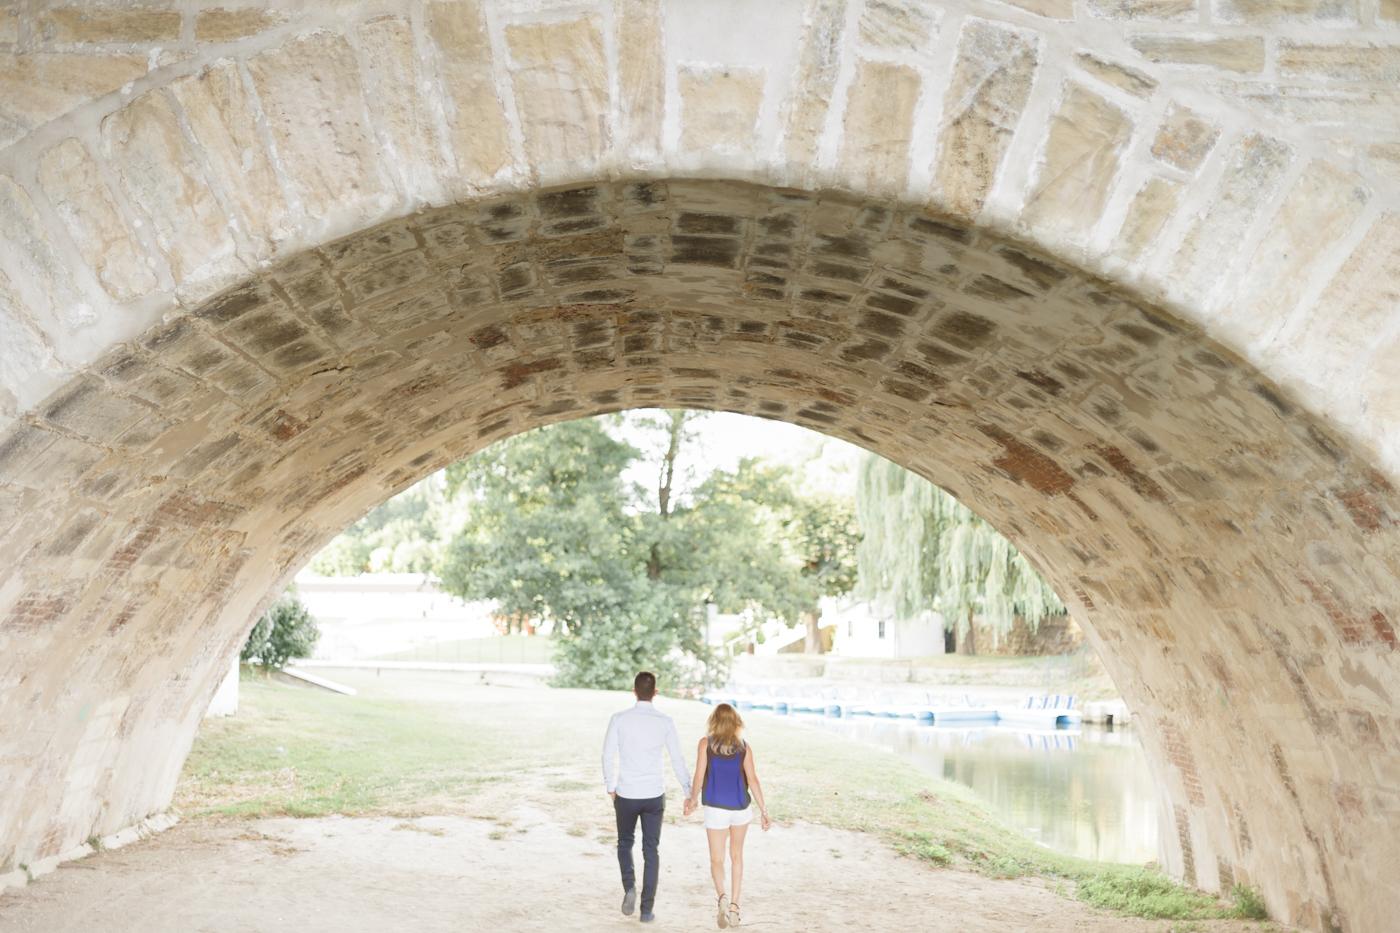 Love Session végétale sur les bords de l'Oise | Fabien Colin | Blog mariage La Mariée Sous Les Etoiles